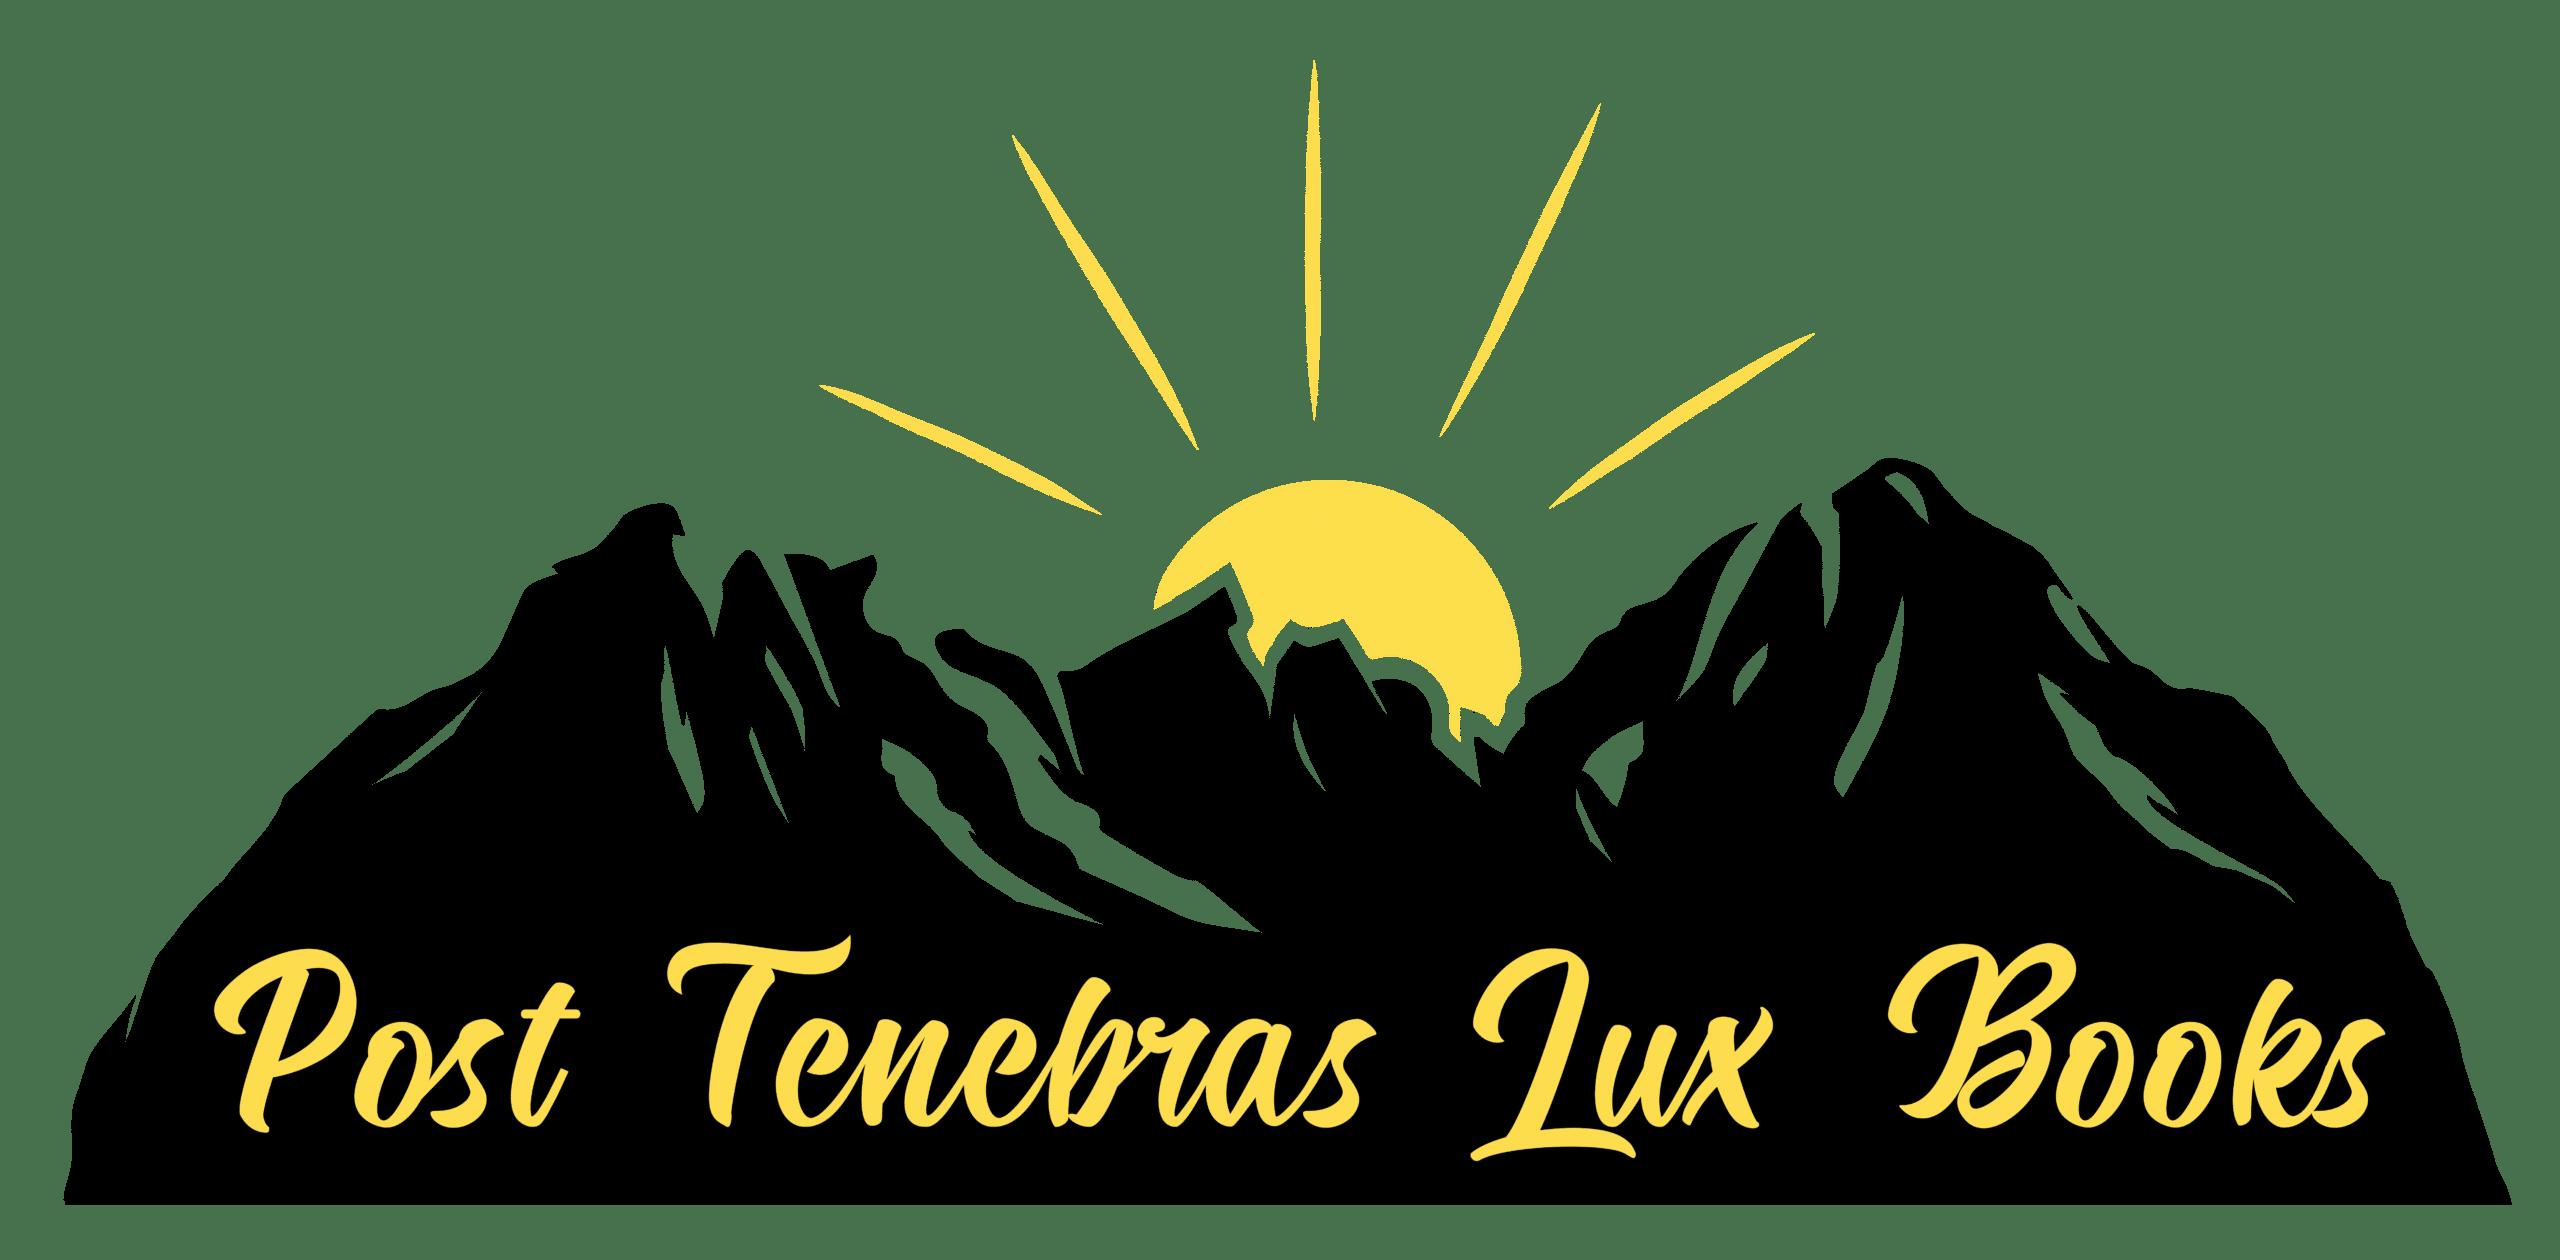 Post Tenebras Lux Books